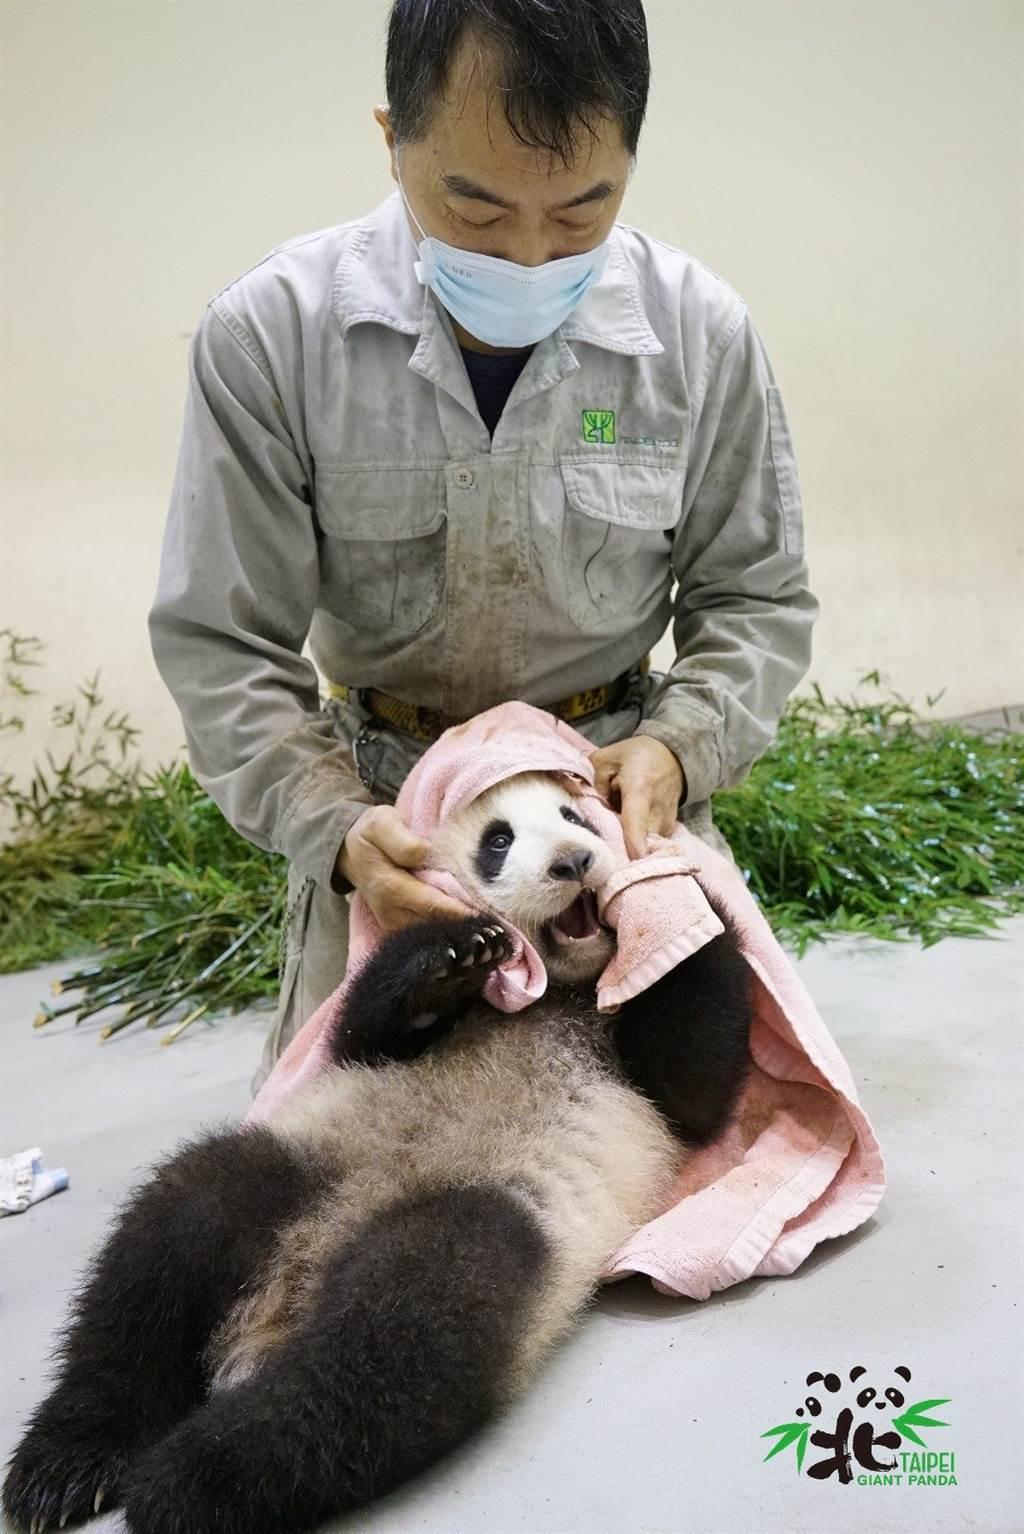 「圓寶」在被清潔時,甚至試圖抓住「彪拔」的手(圖片來源/臺北市立動物園)